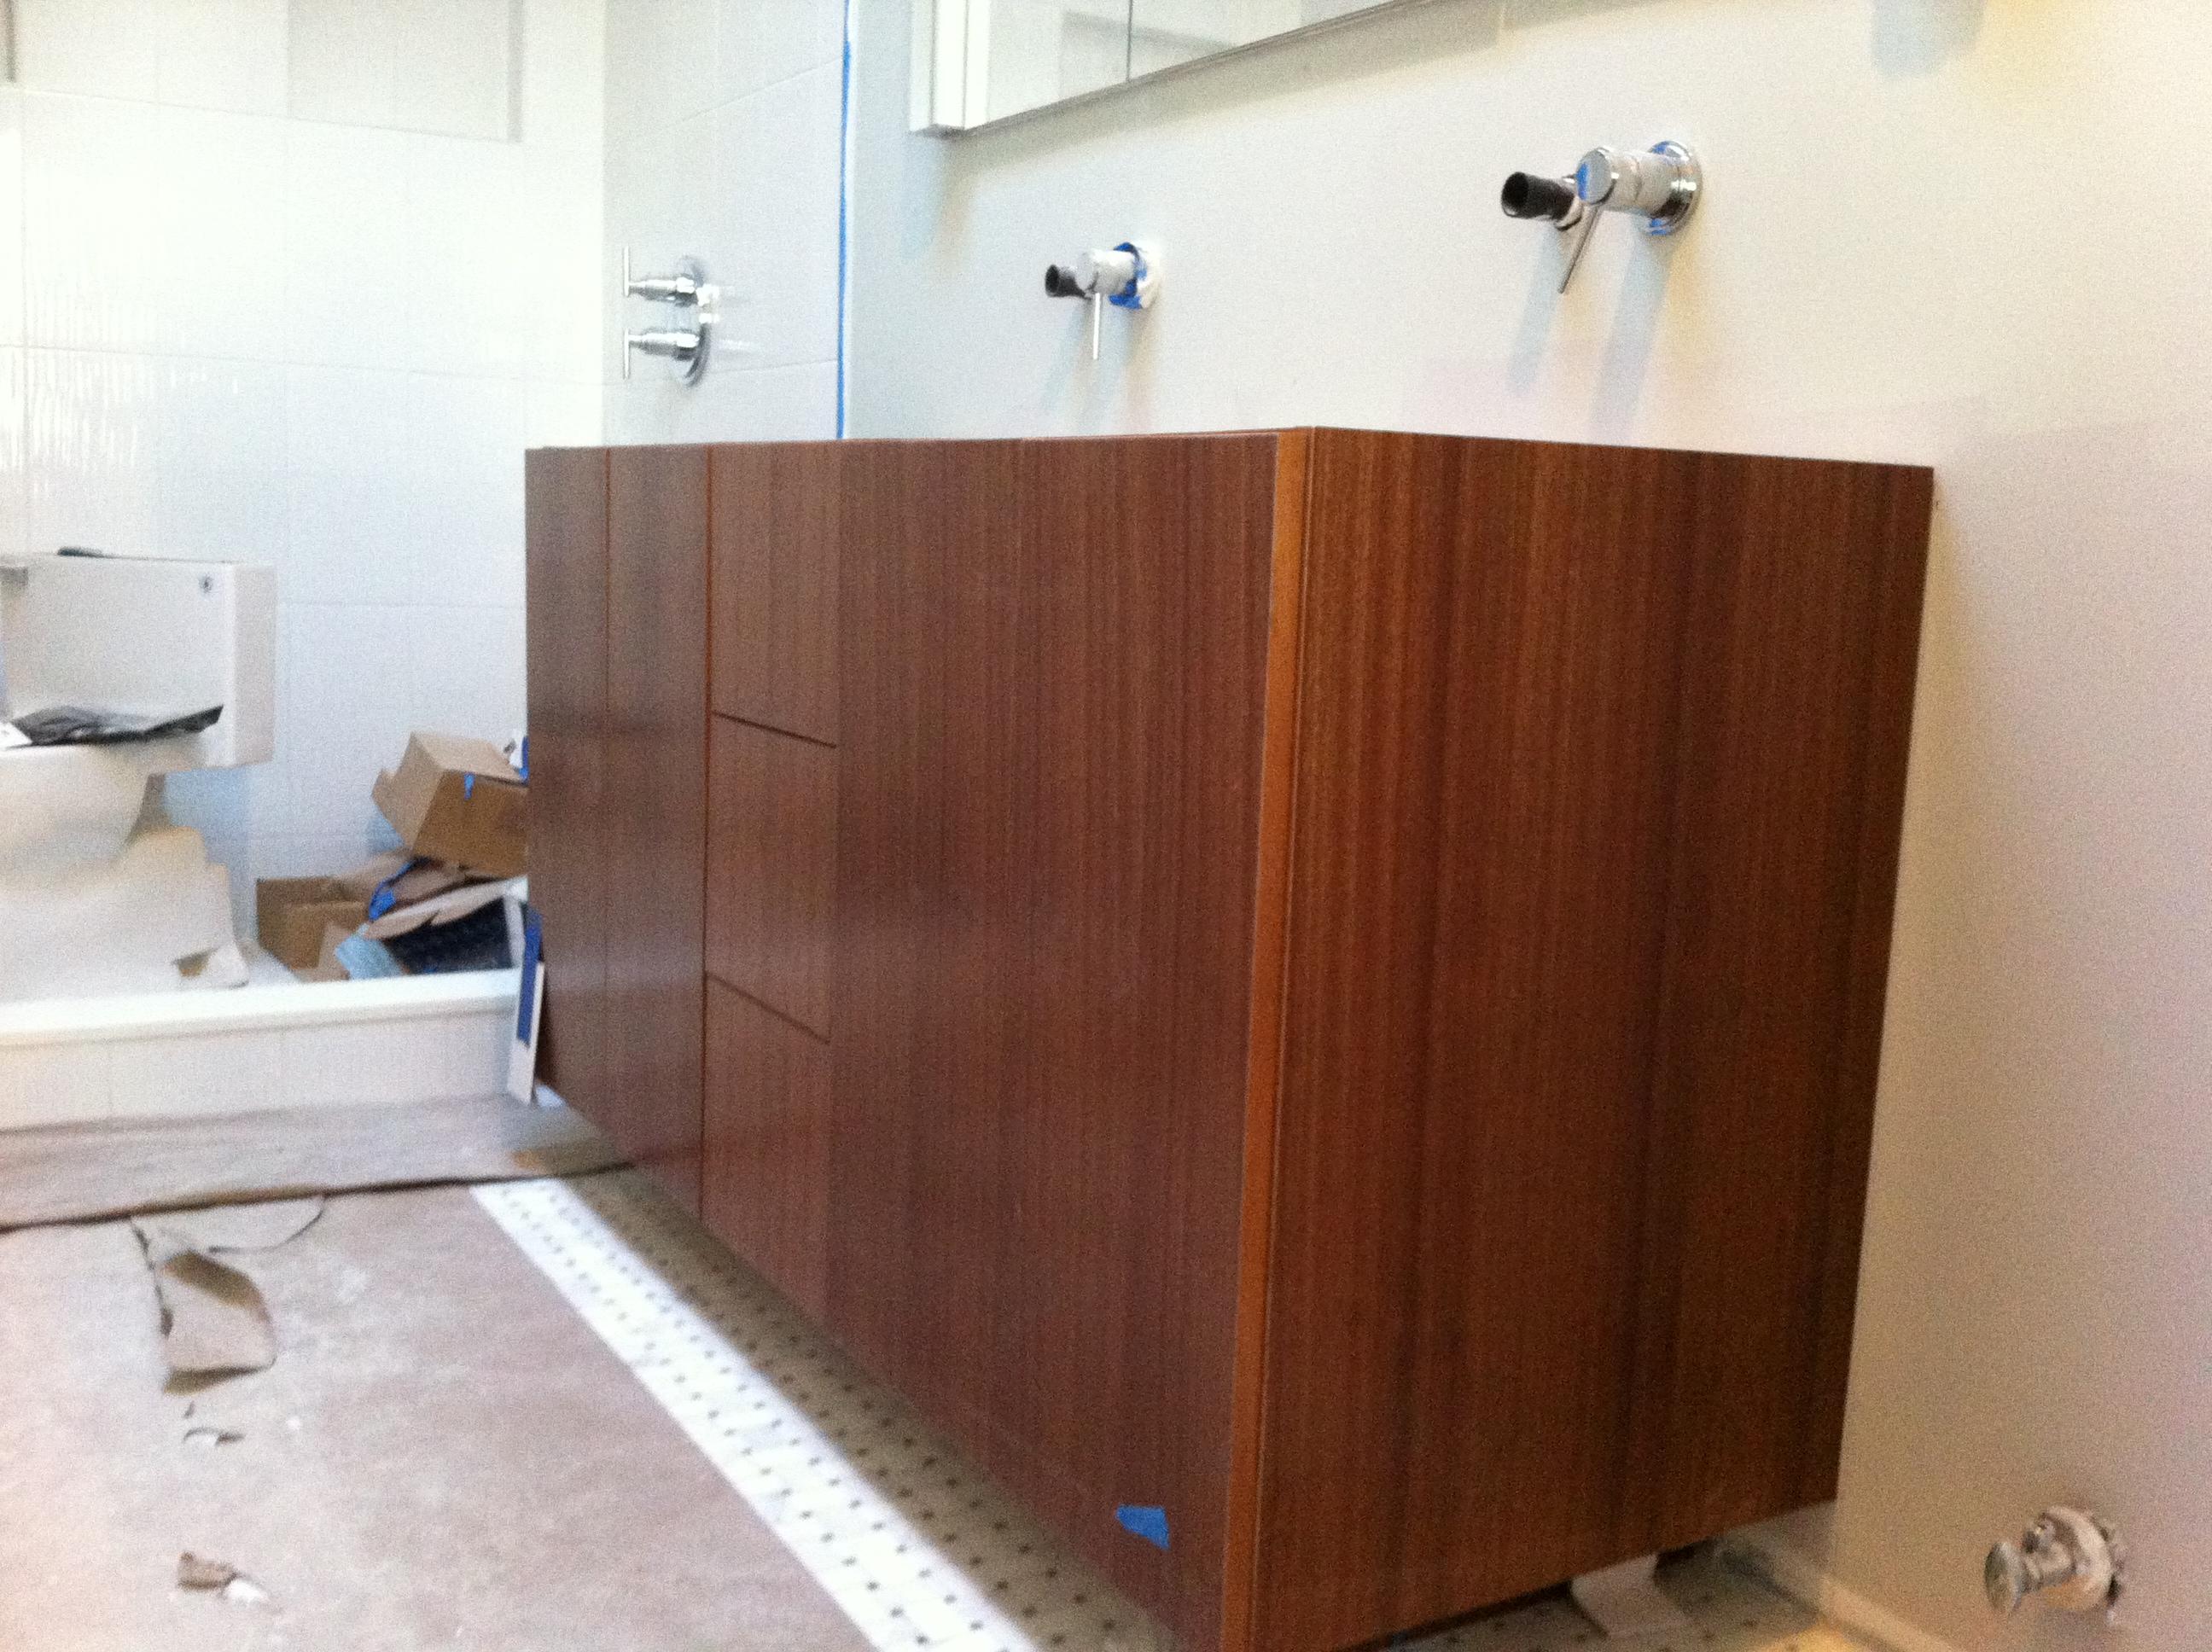 mahogany faced plywood